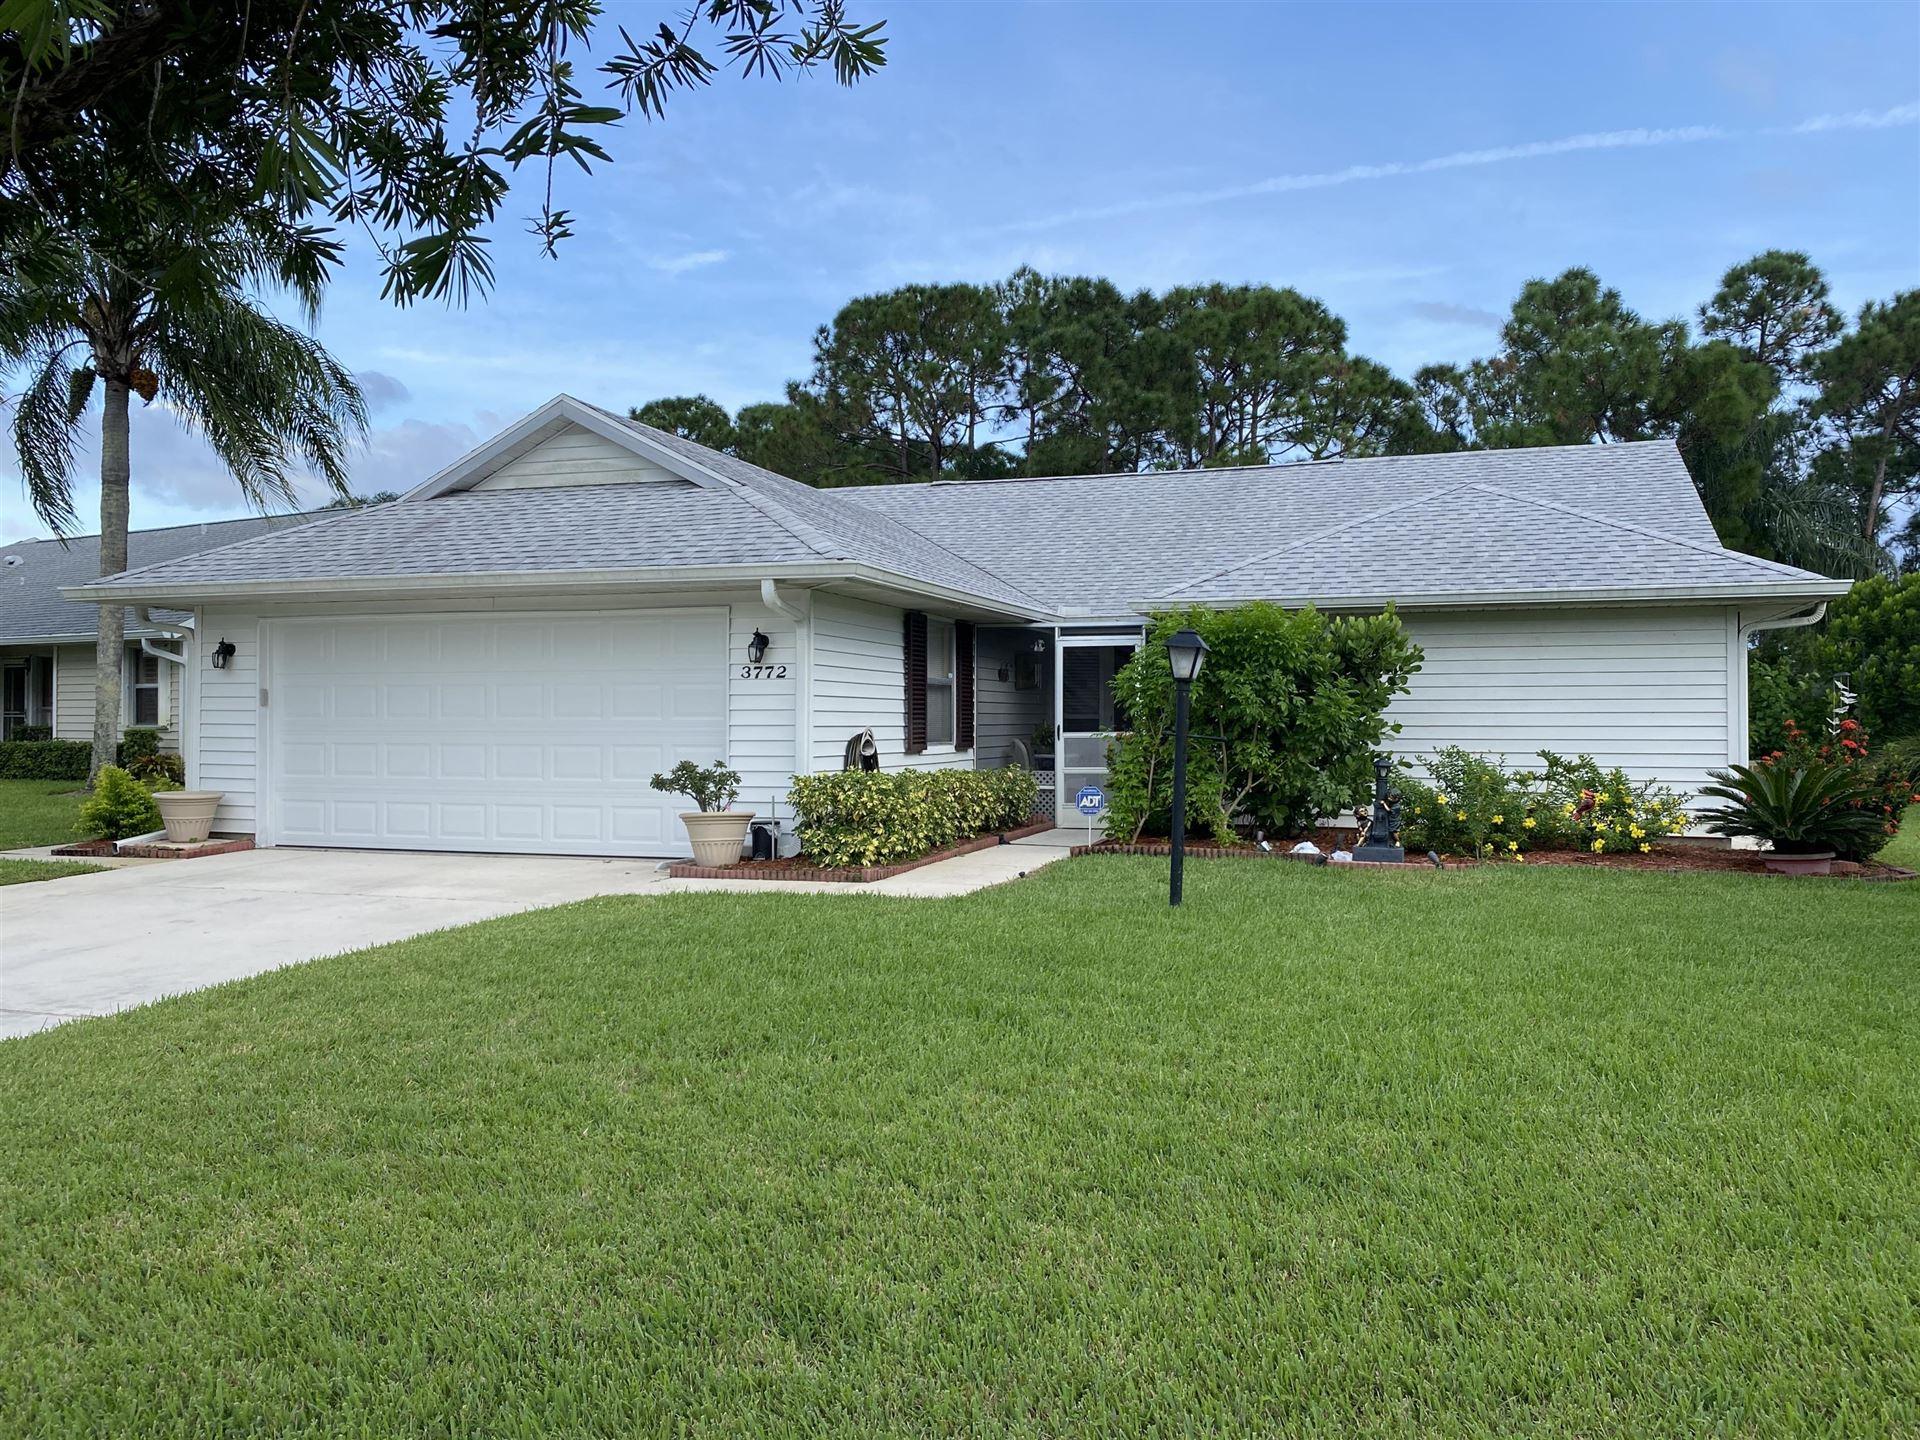 3772 SE Canvas Back Place, Stuart, FL 34997 - #: RX-10657051